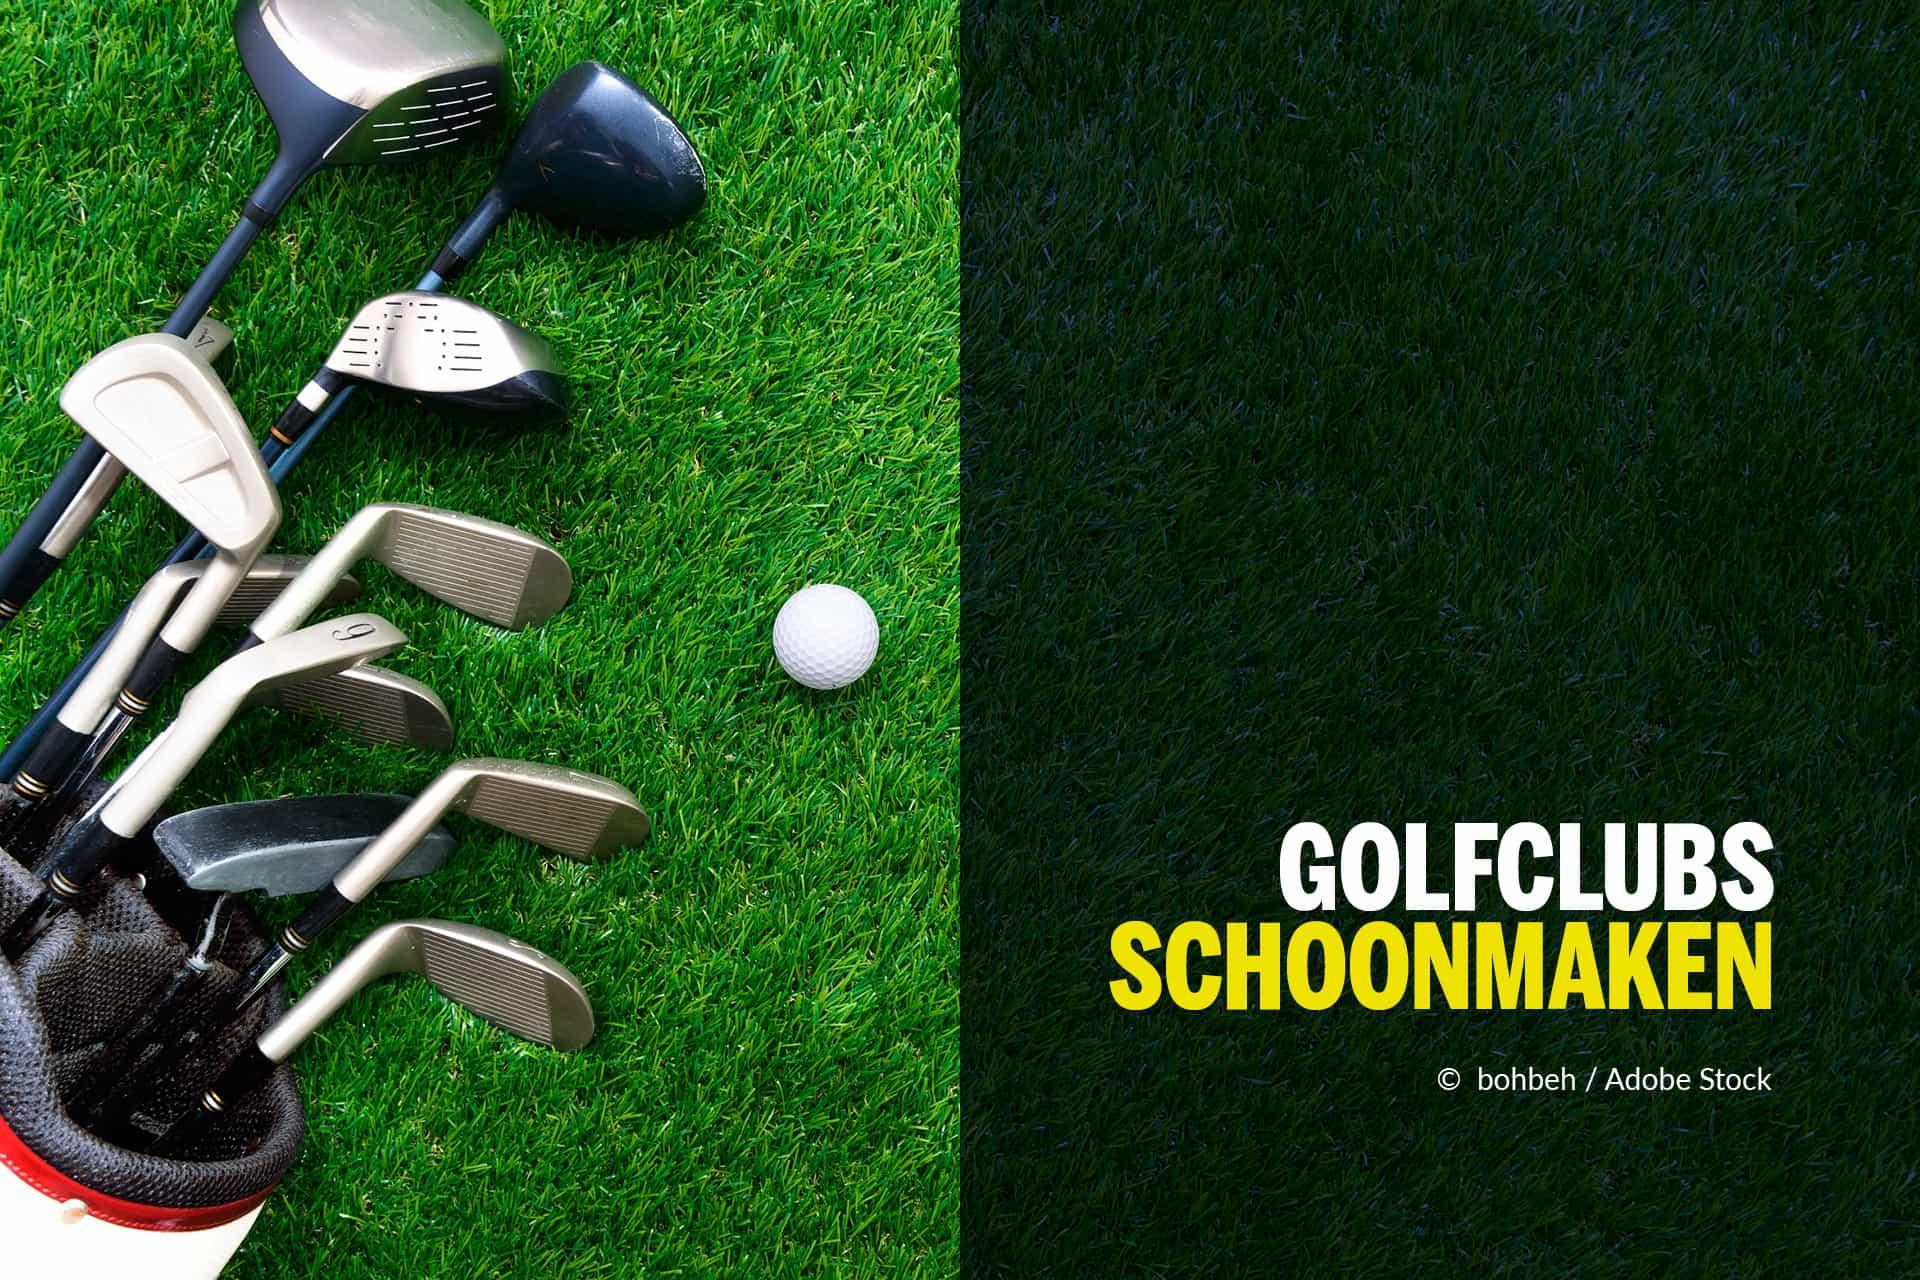 Golfclubs onderhoud